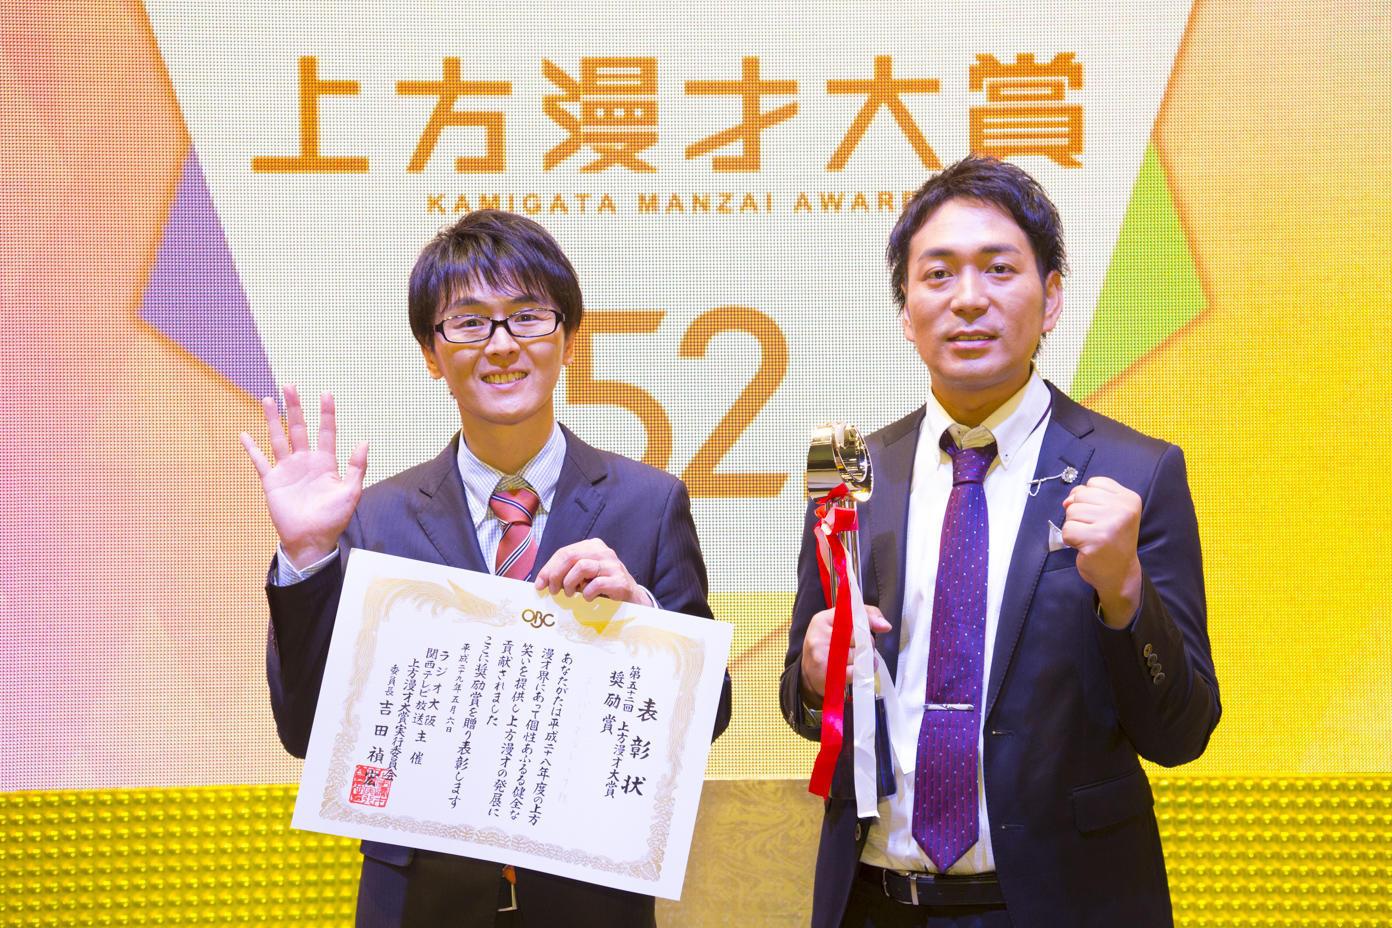 http://news.yoshimoto.co.jp/20170507224009-009031710ac6fbe0c6473e07e995b17ba08e84ca.jpg